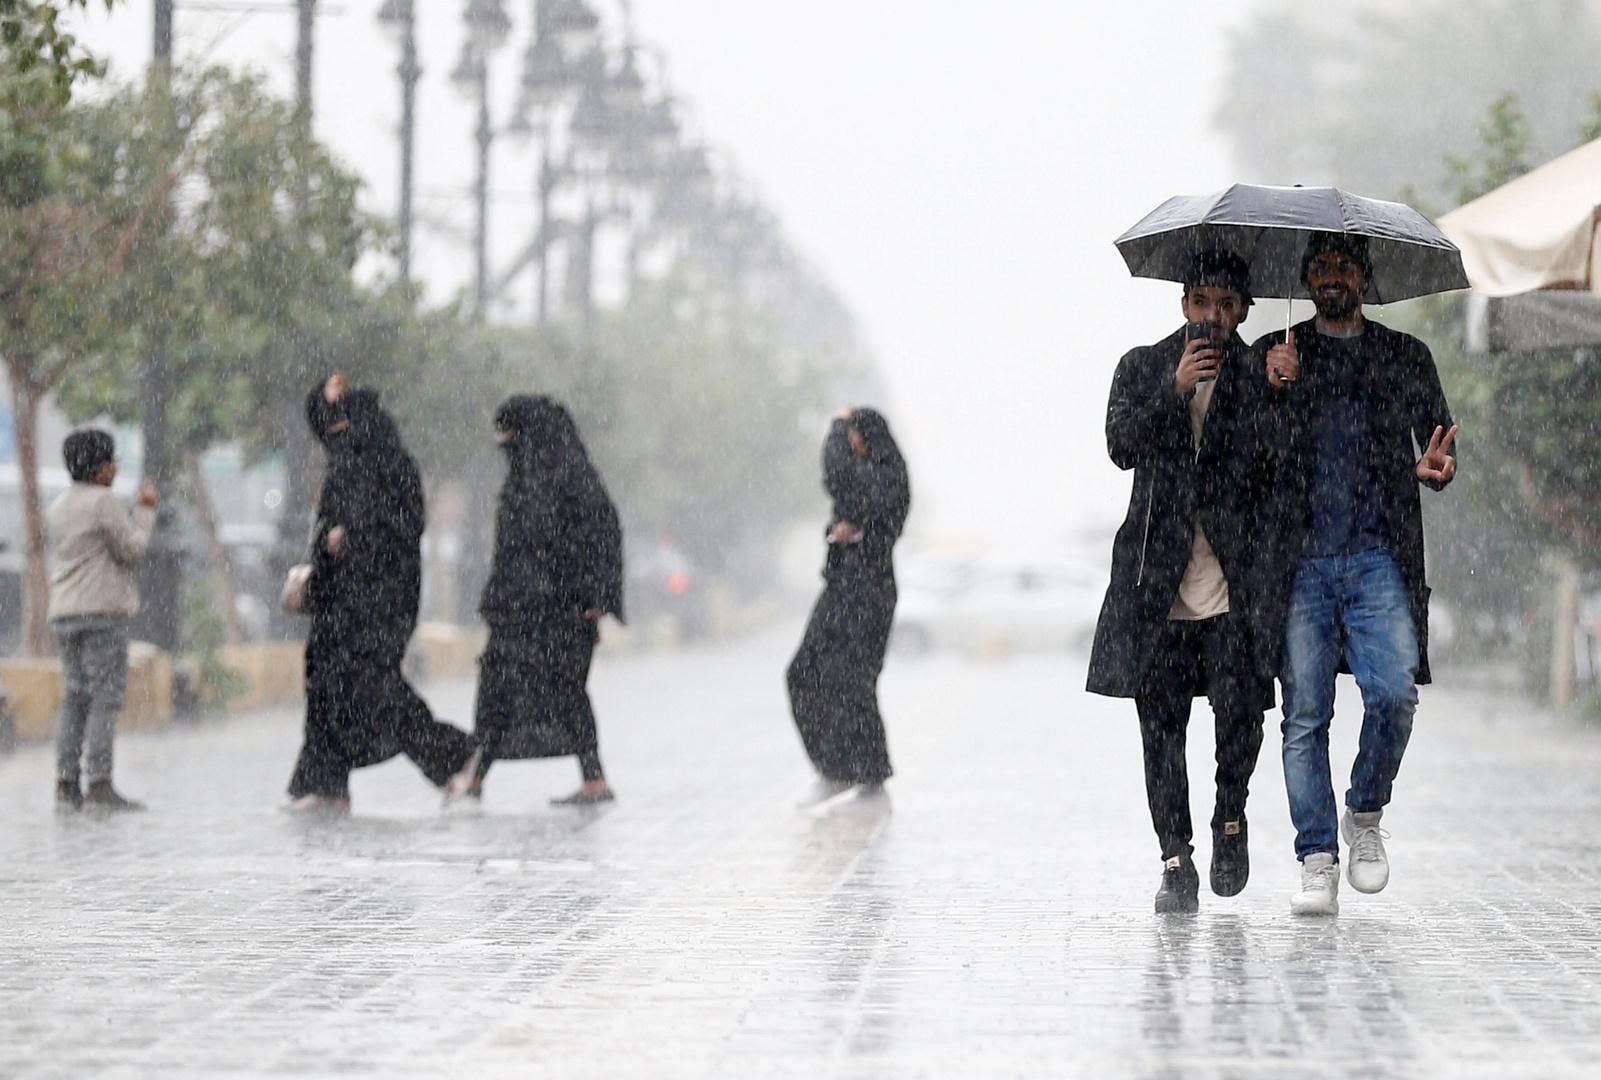 السعودية تحذر سكان المنطقة الجنوبية من تردي أحوال الطقس